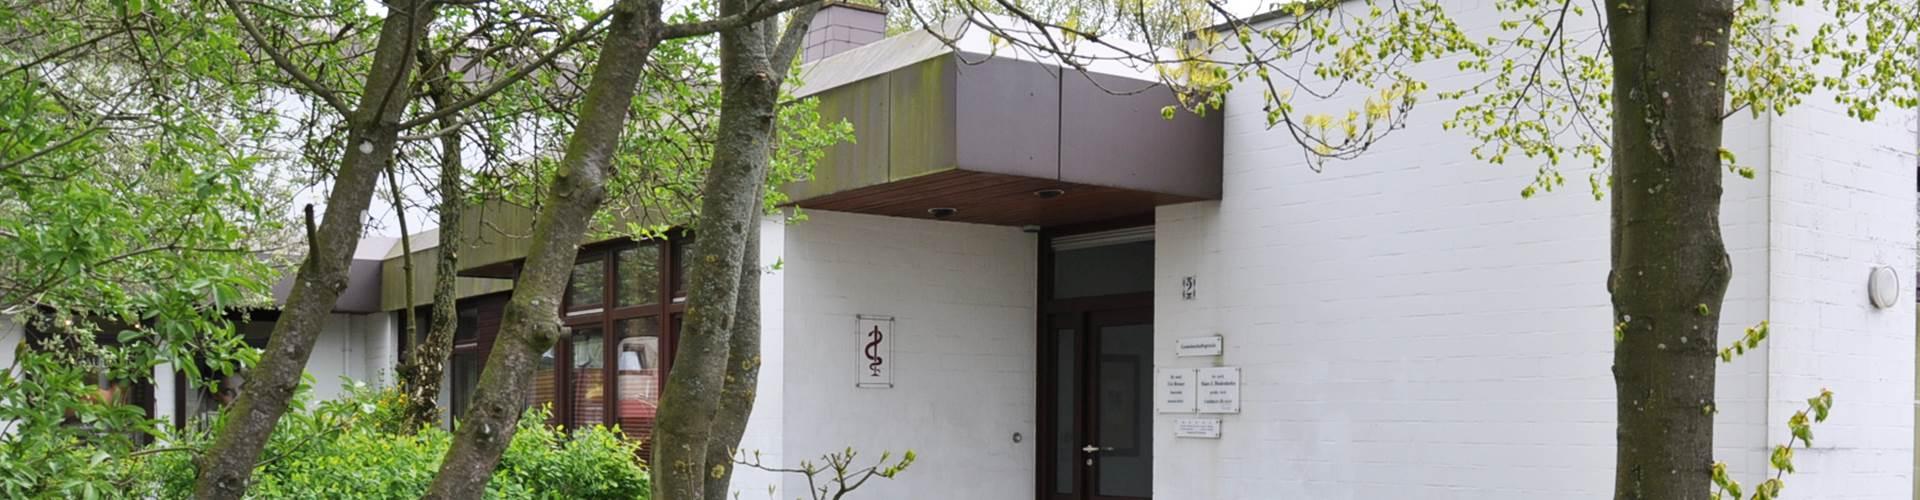 Eingang zur Arztpraxis Wankendorf